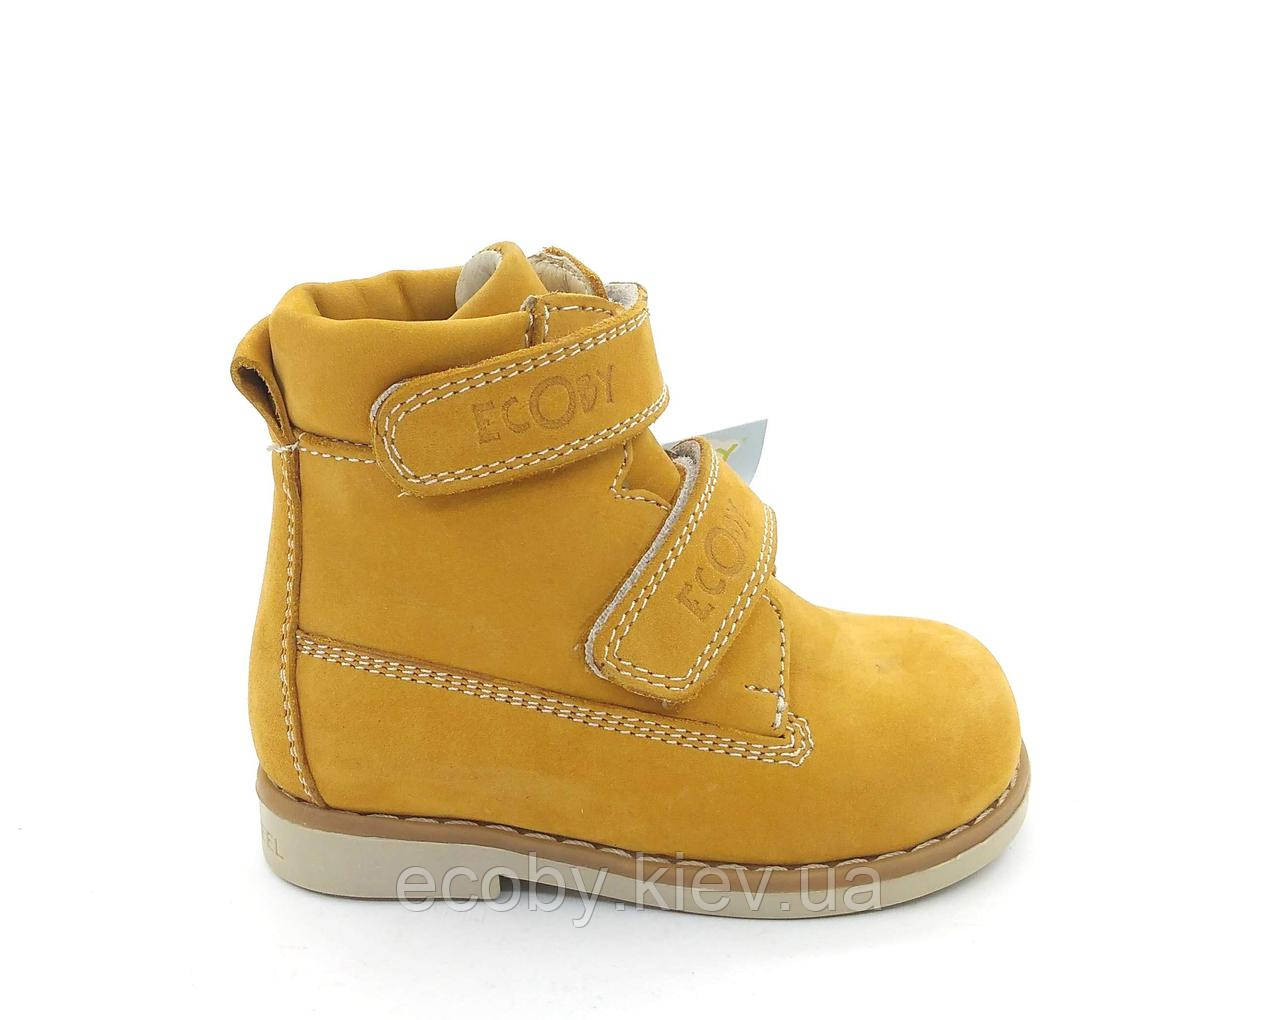 Зимові ортопедичні черевики Ecoby р. 20 - 13см